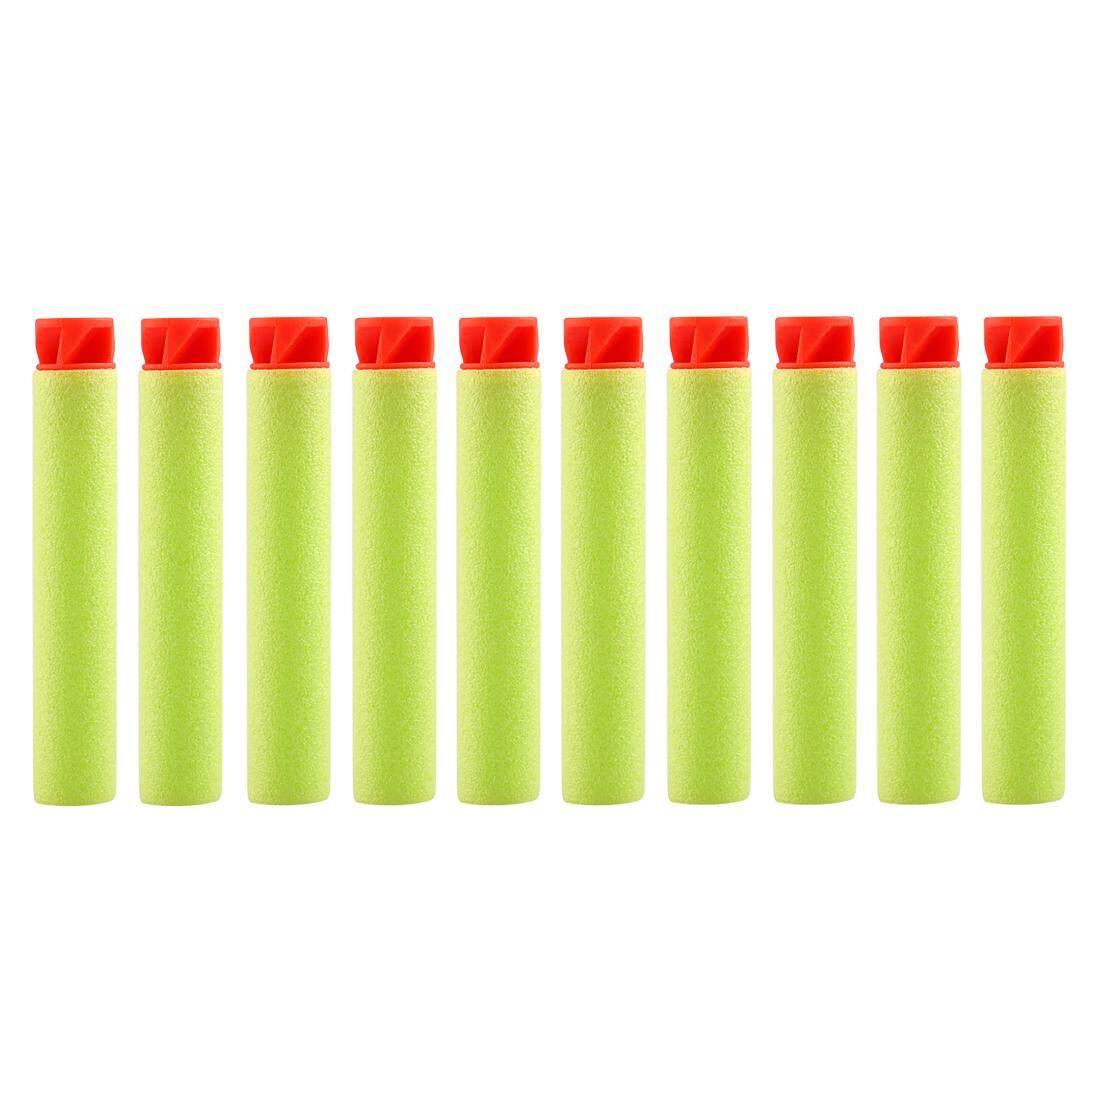 360 Wish 10 Pcs Flattop Peluru Busa Isi Ulang Lembut Dart Peluru-Merah Kepala +